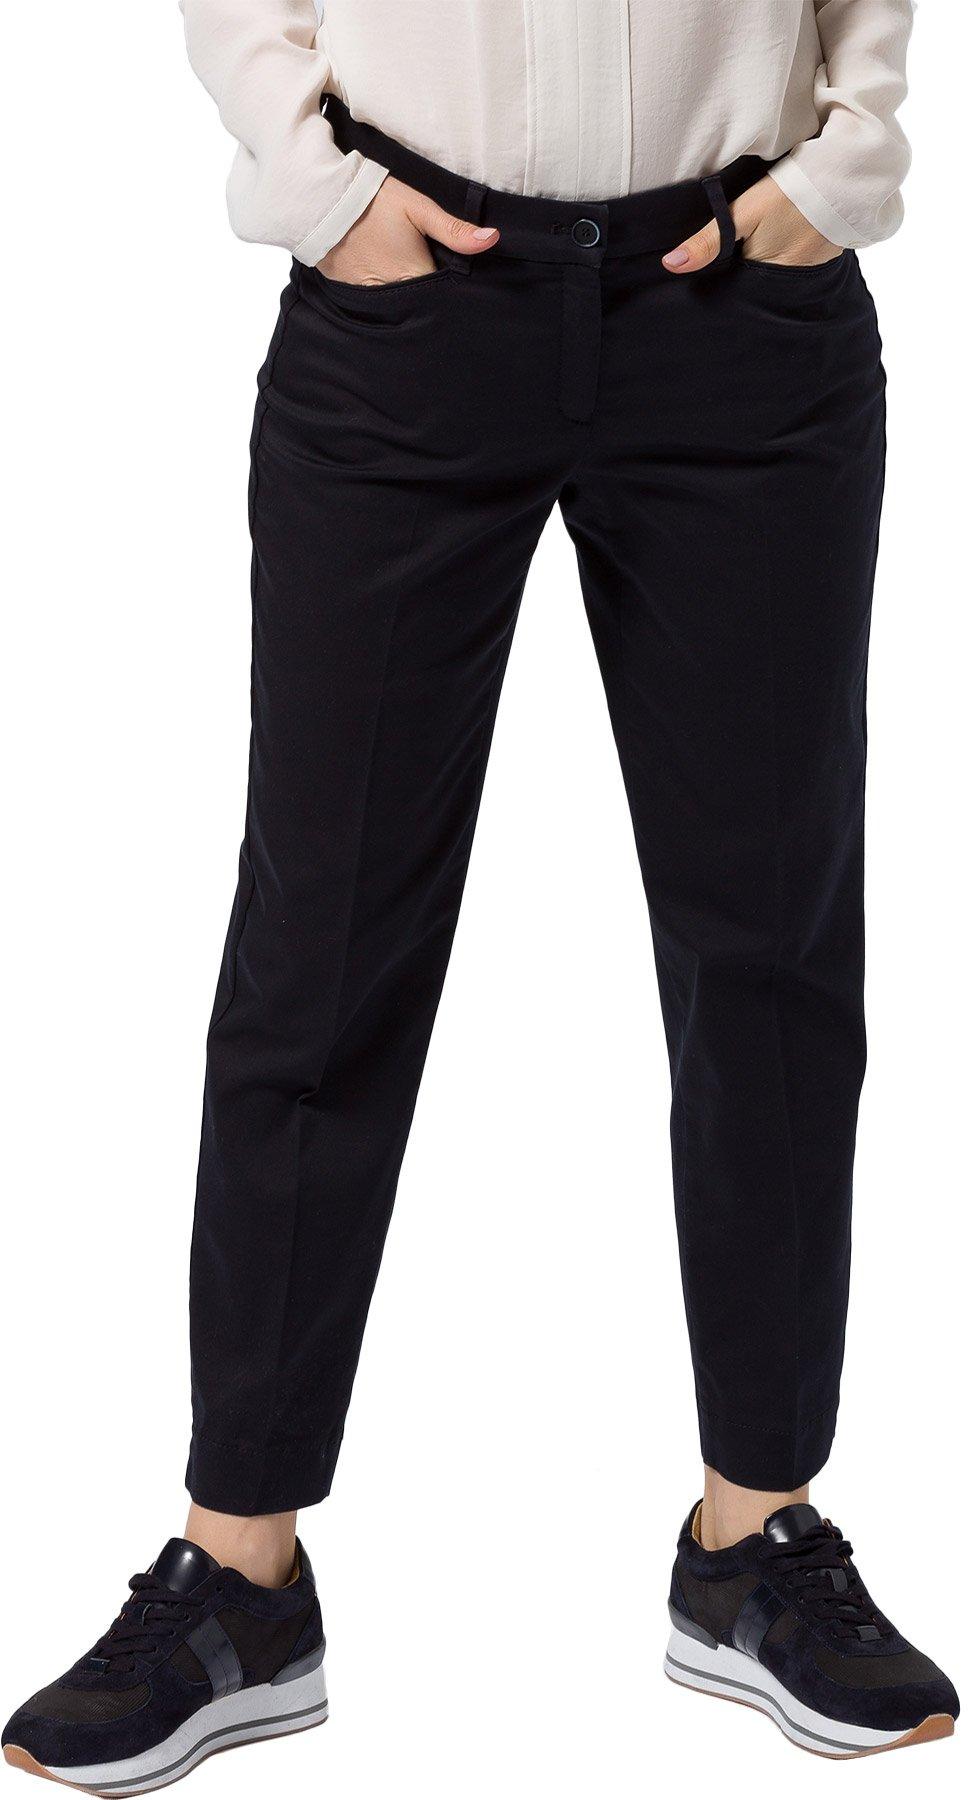 BRAX  Hosen & Shorts in dunkel-blau günstig kaufen